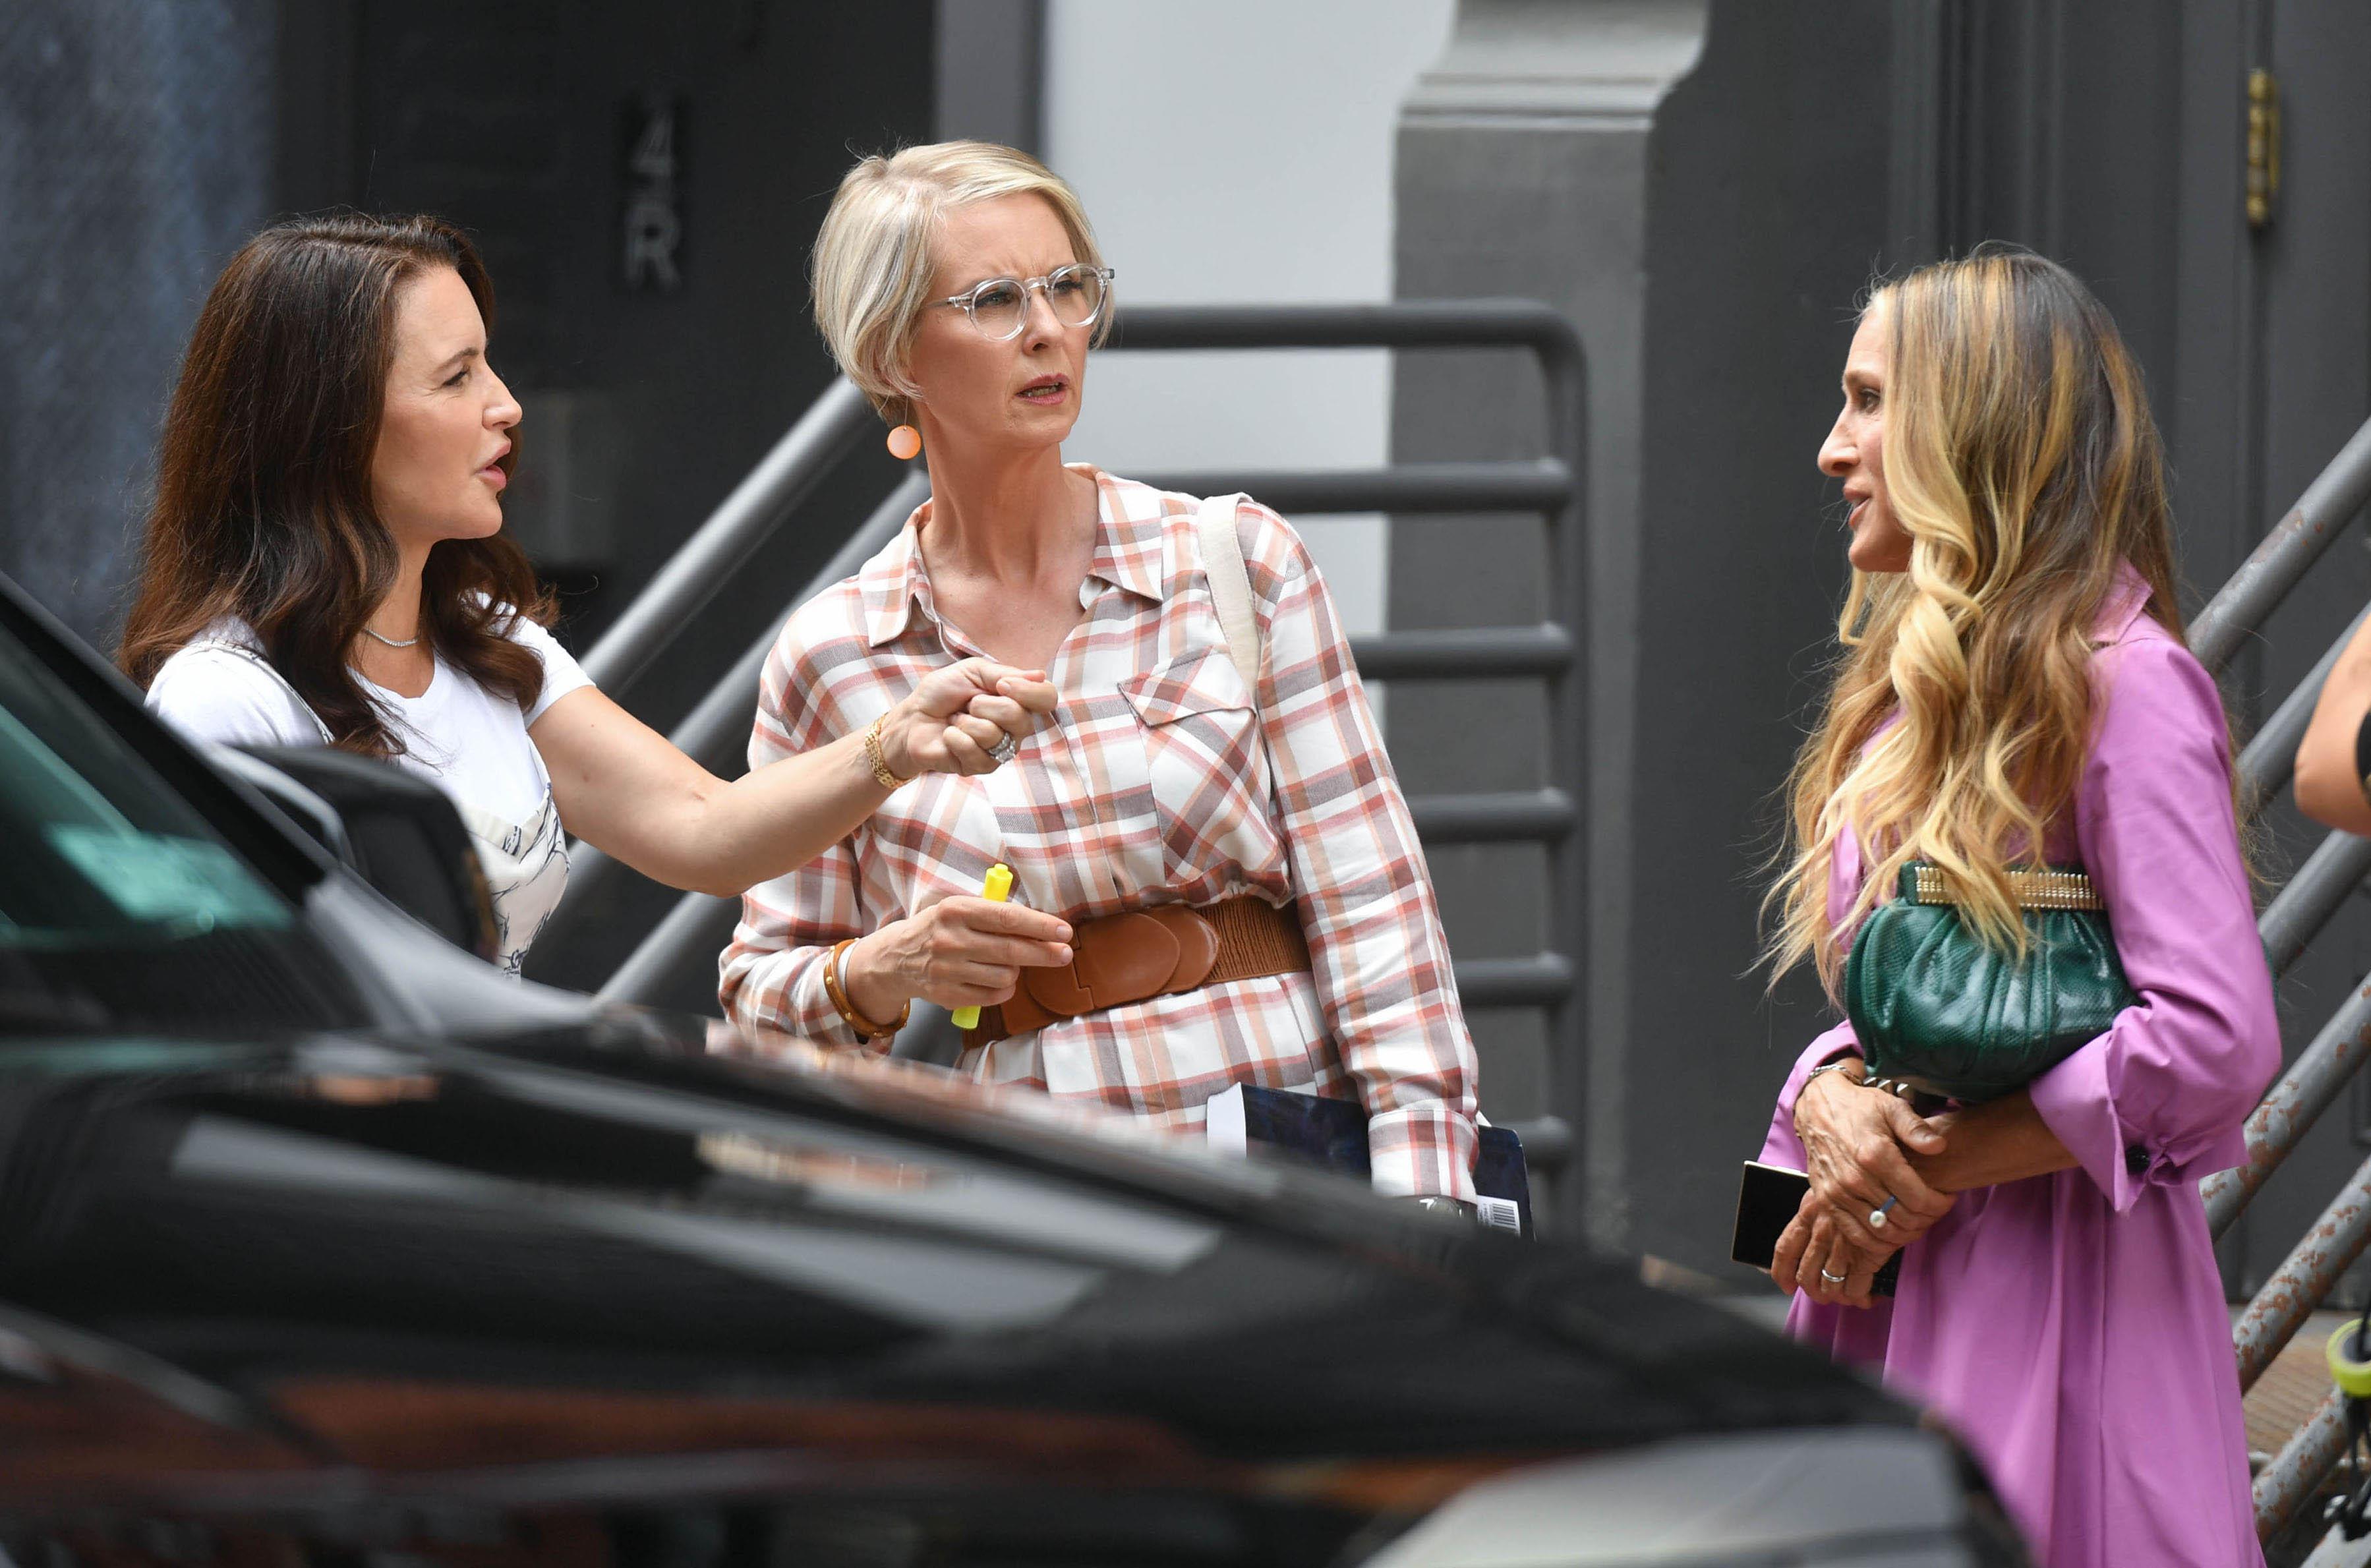 Подогревают интерес?: HBO Max перенес выход продолжения «Секса в большом городе»